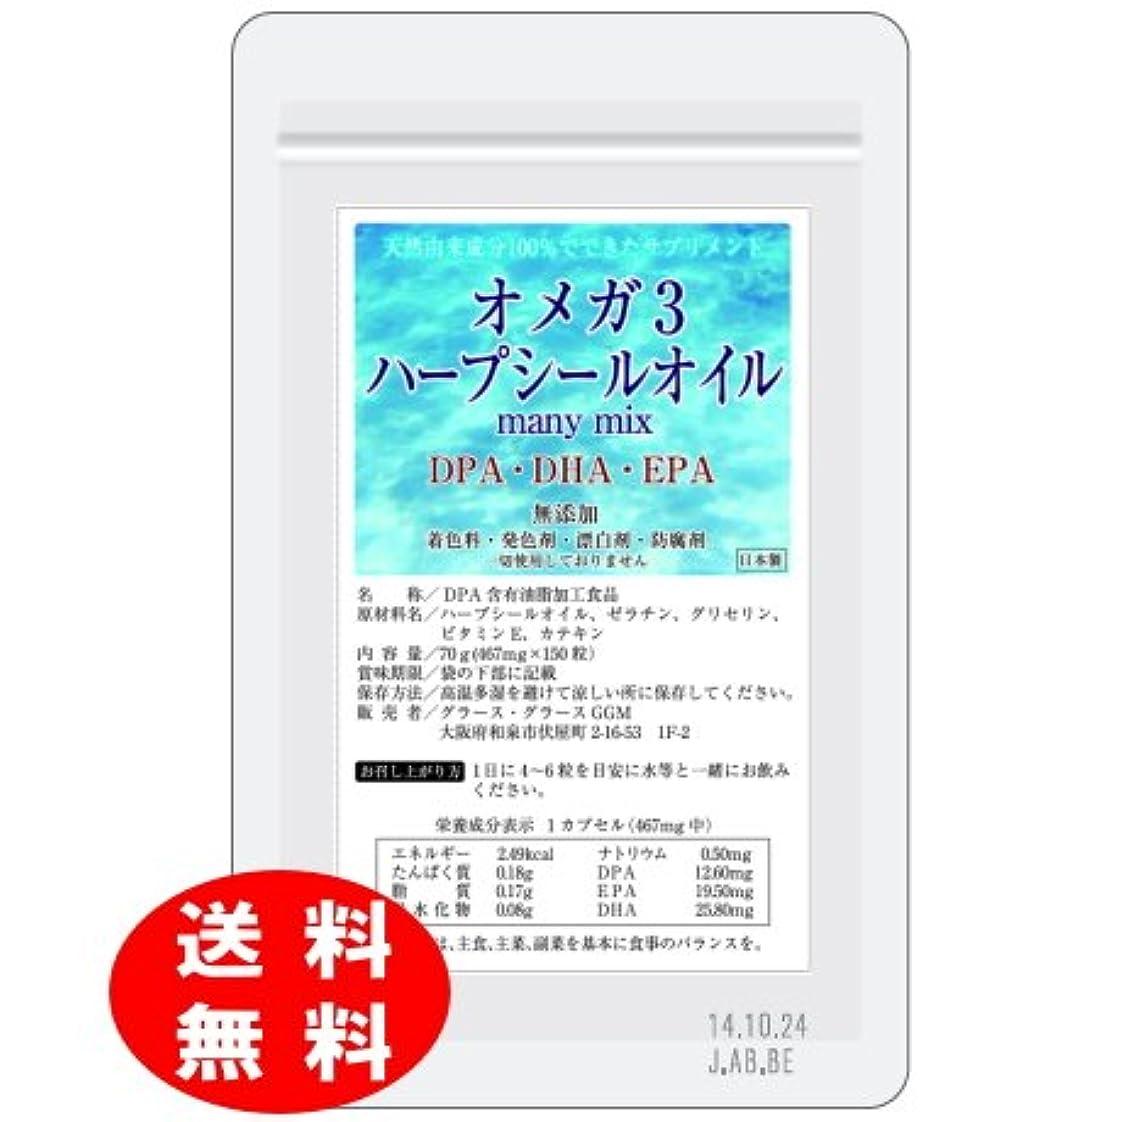 突然のトランザクションにぎやかオメガ3 ハープシールオイル(アザラシオイル) many mix 150粒